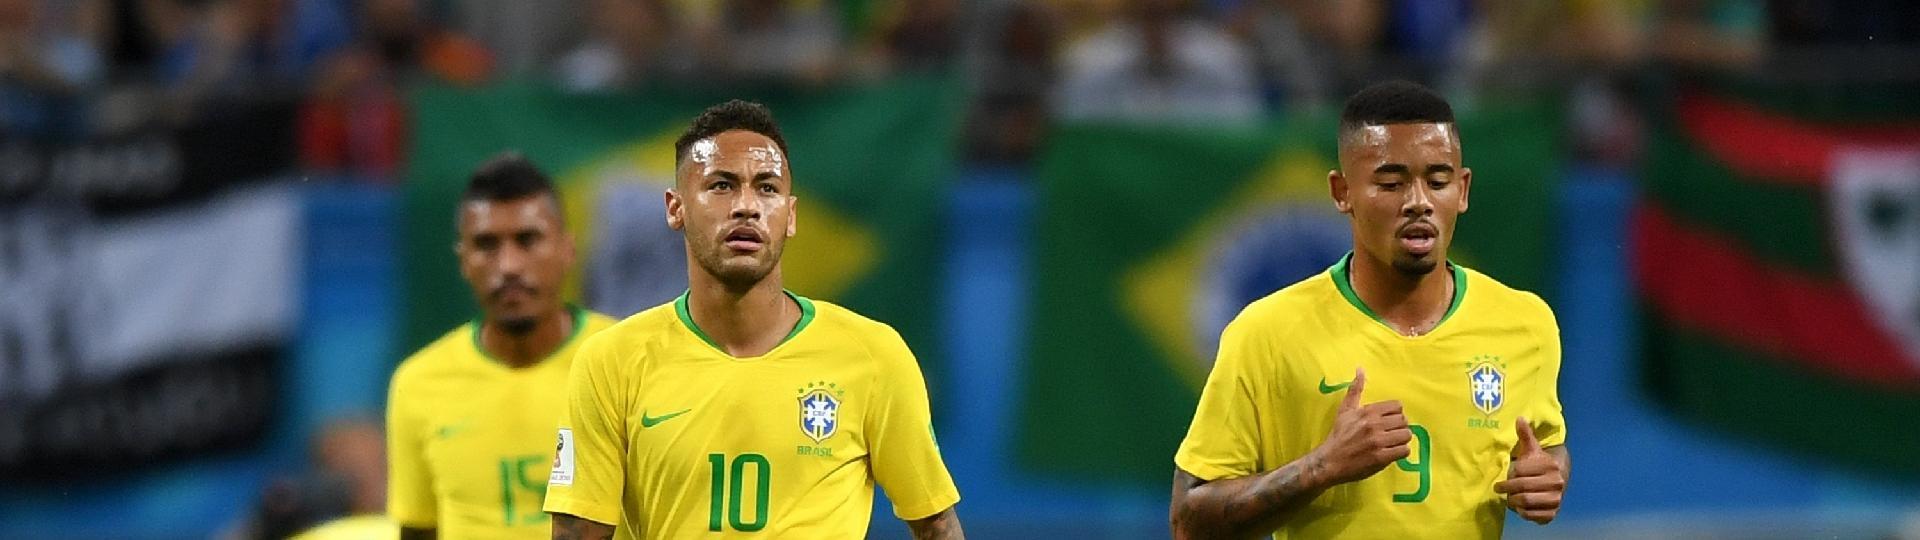 Neymar e Gabriel Jesus lamentam gol da Bélgica contra o Brasil